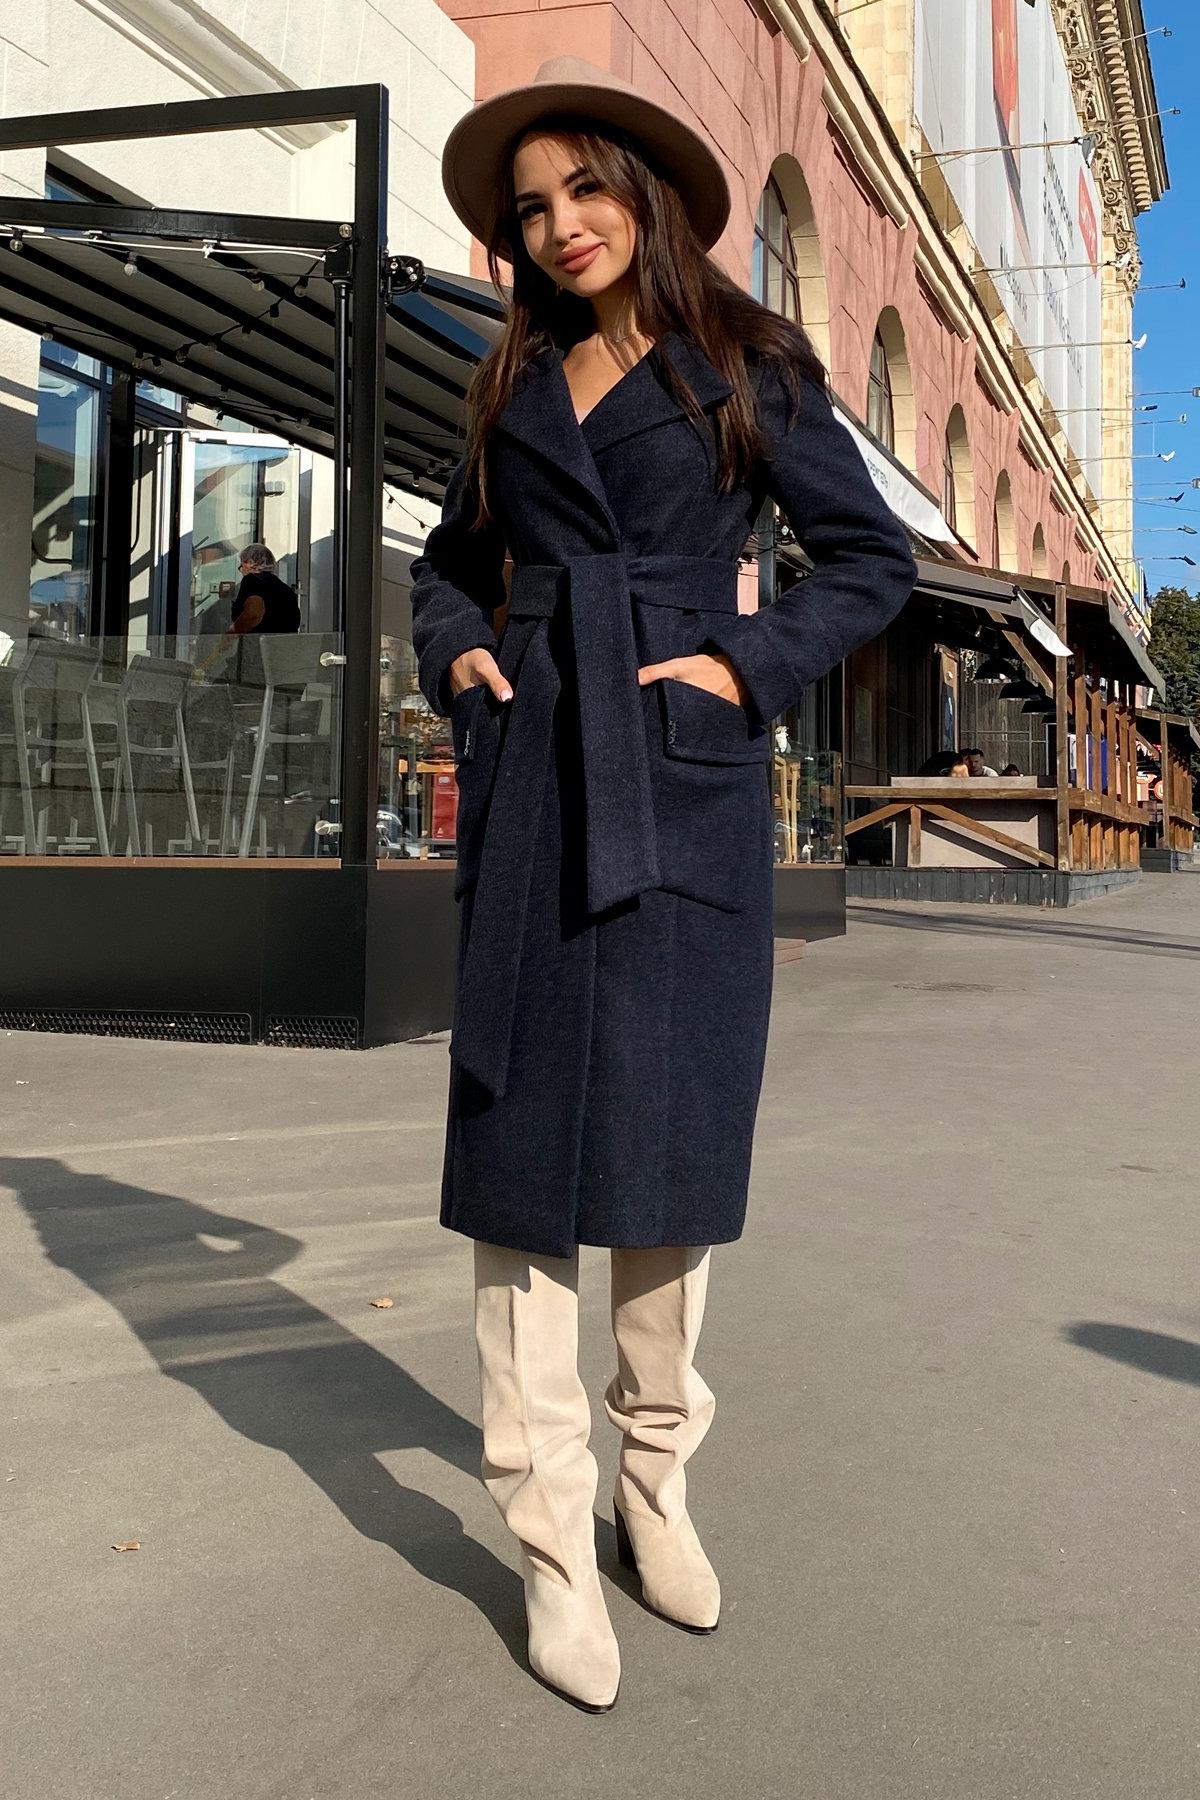 Пальто Стейси 5471 АРТ. 36685 Цвет: Темно-синий - фото 1, интернет магазин tm-modus.ru